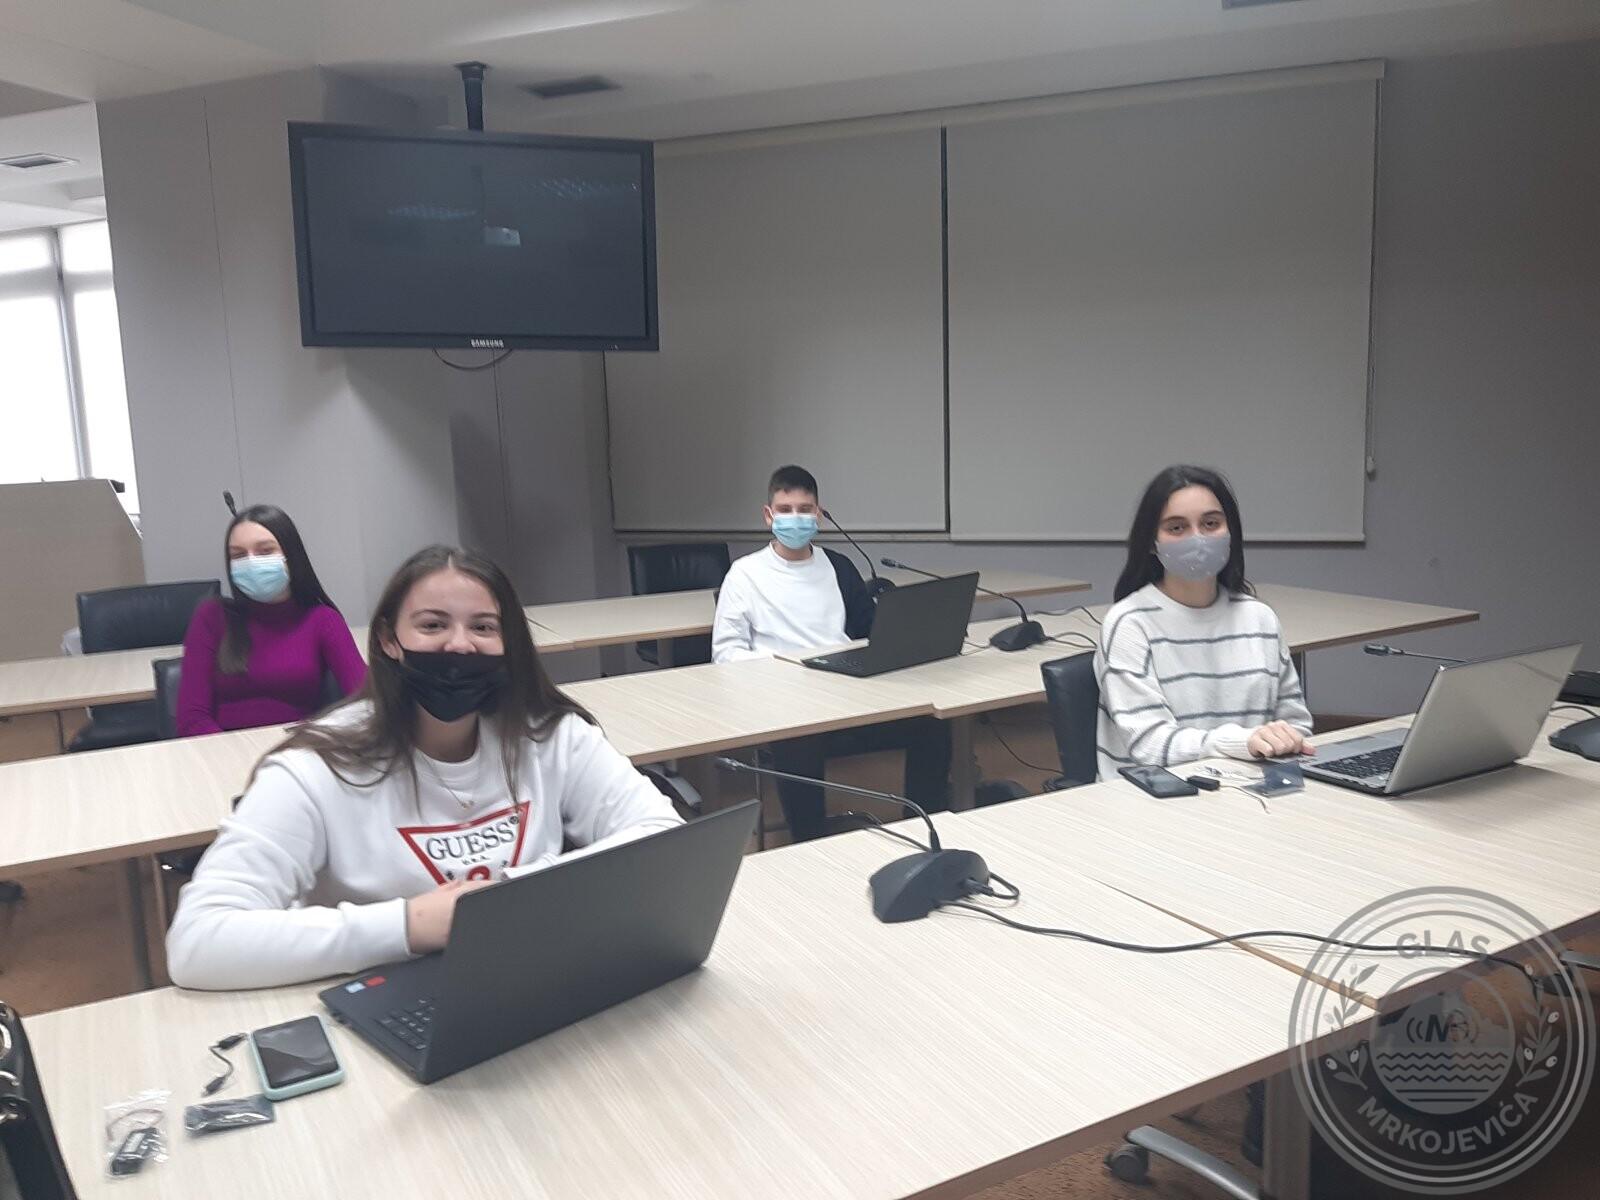 """Učenici OŠ """"Mrkojevići"""" učestvovali u programu """"Uči doma"""""""